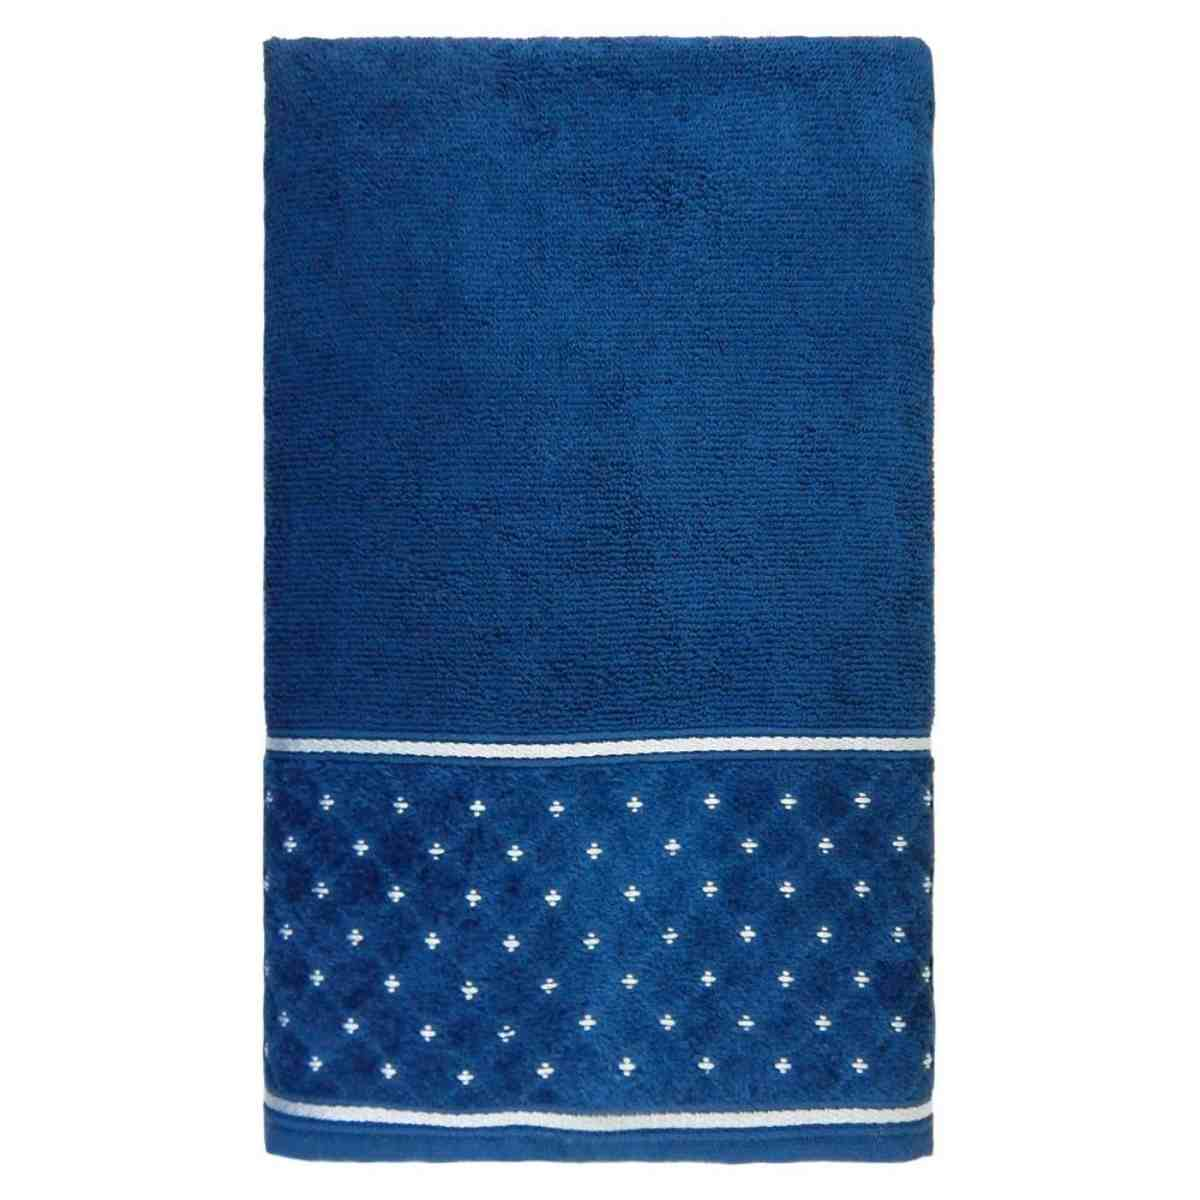 Toalha banho safira 68x140 Azul Profundo